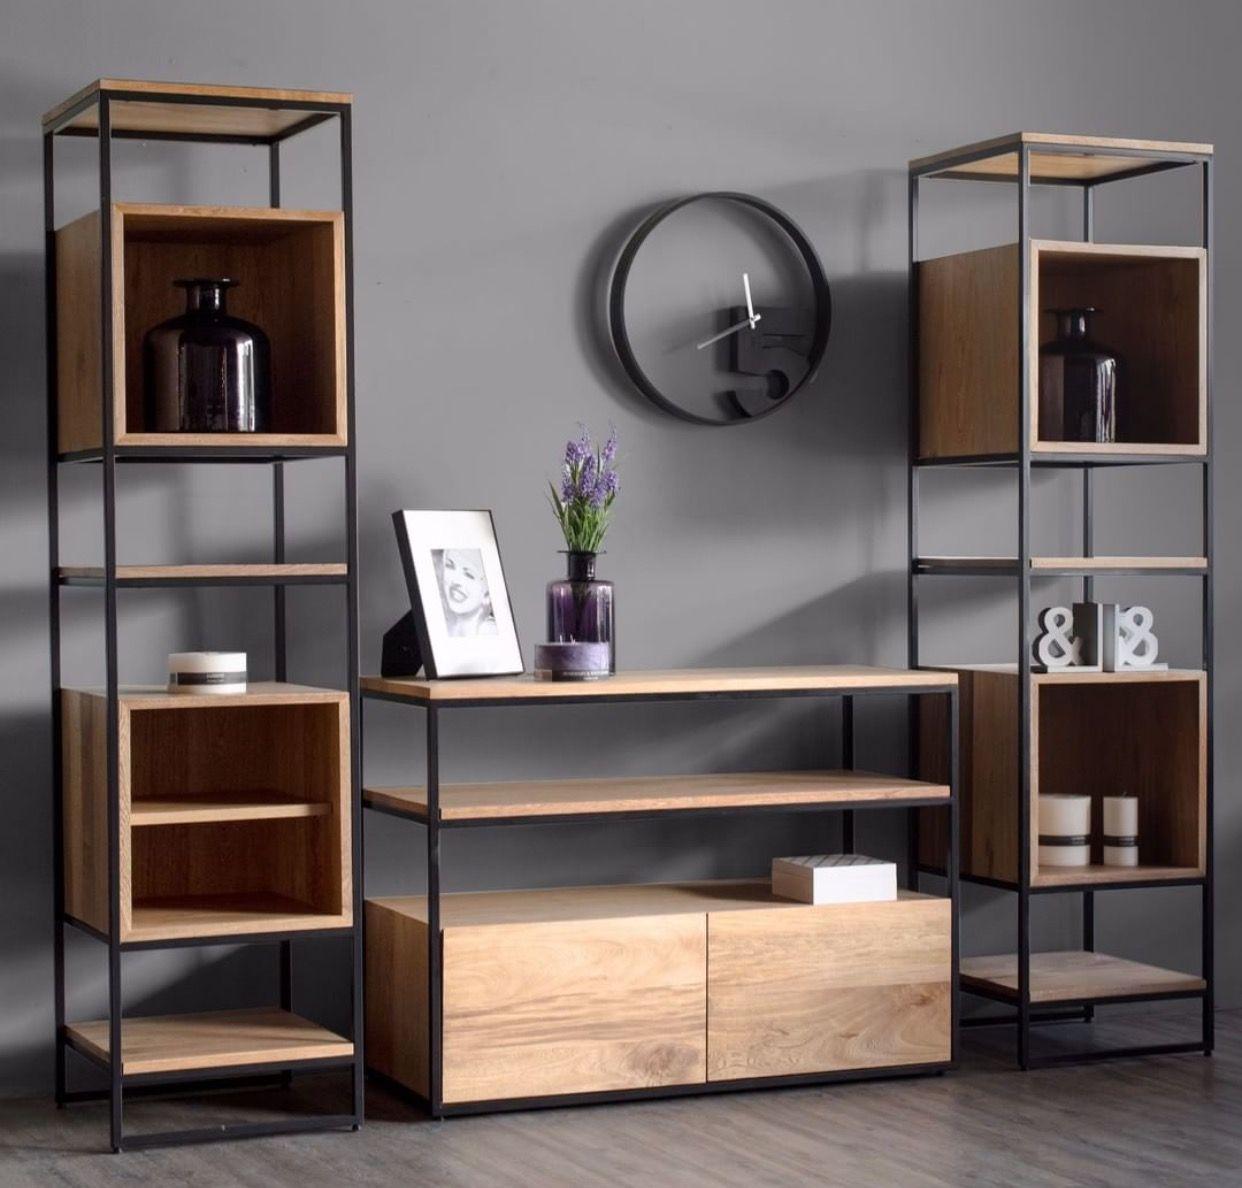 Librero muebles pinterest libreros madera y hierro - Lavado de muebles de madera ...